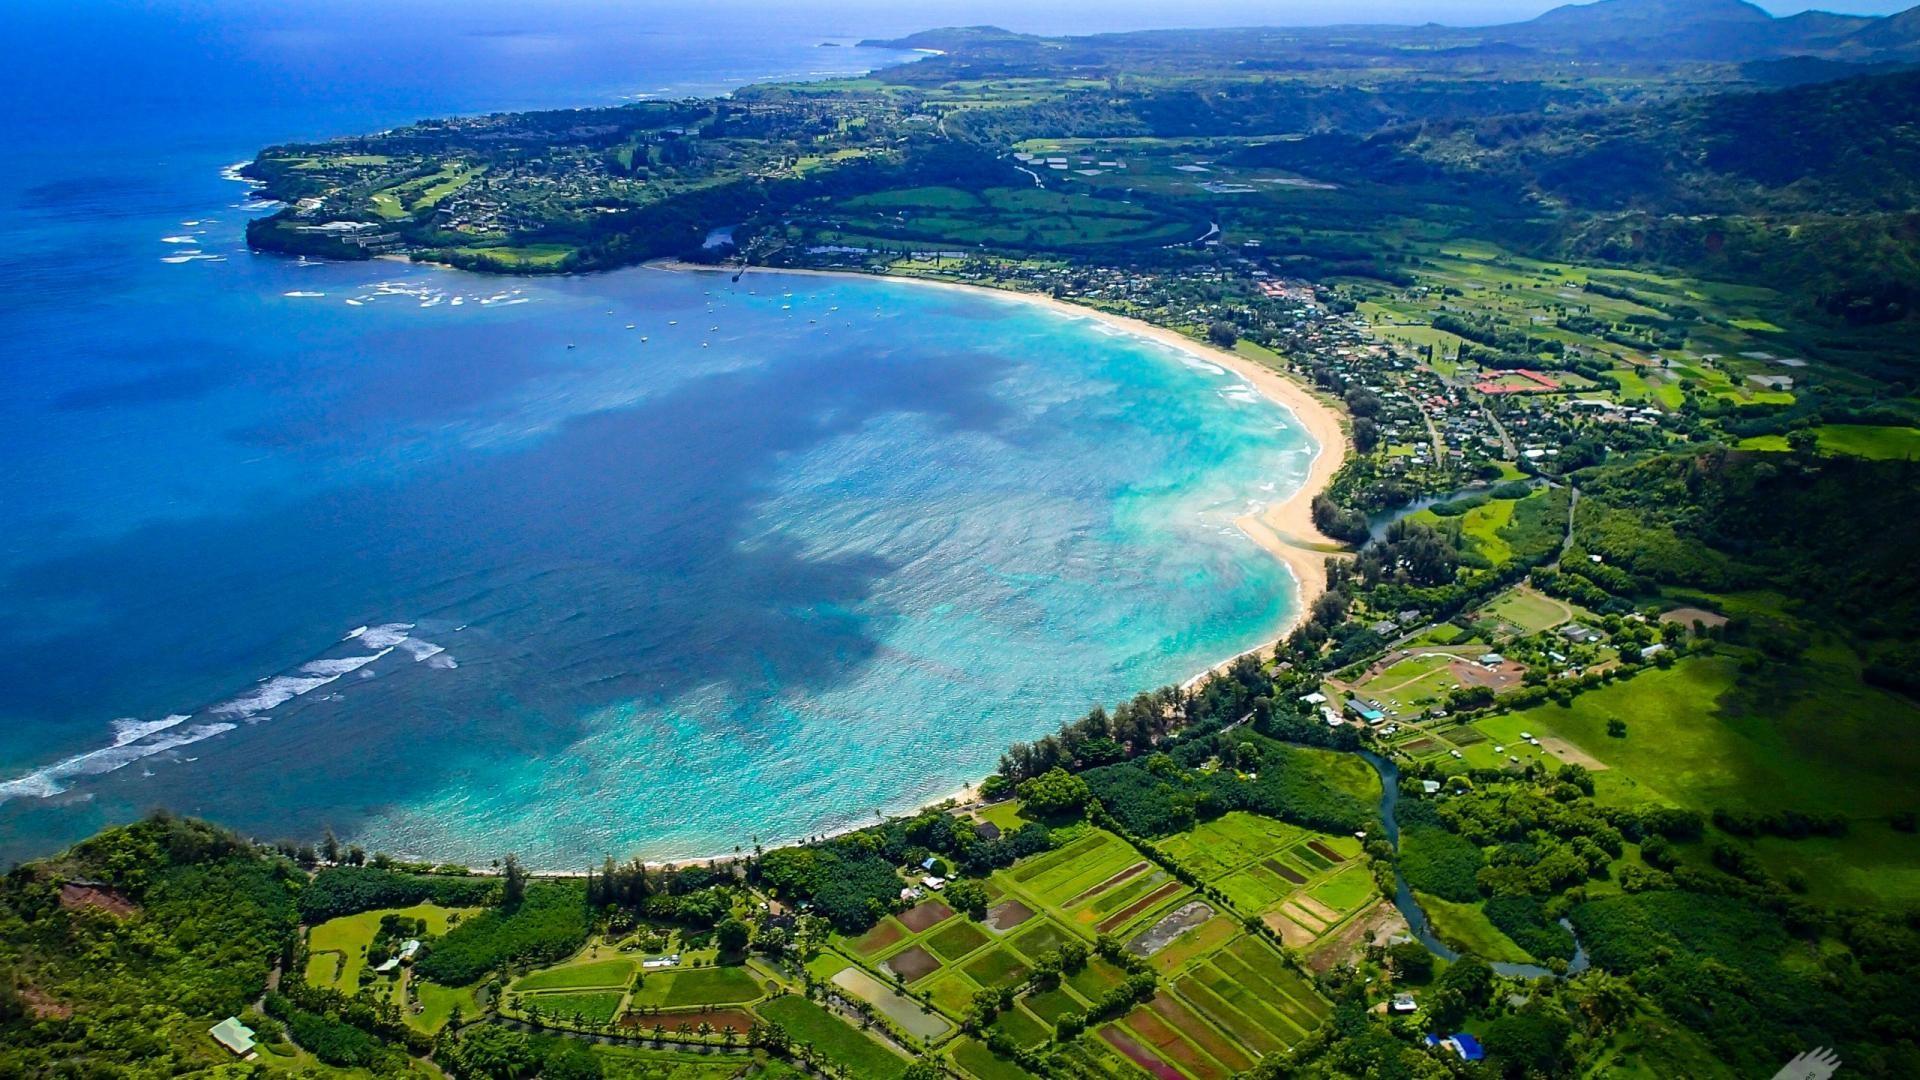 Kauai in Hawaii [1920×1080]